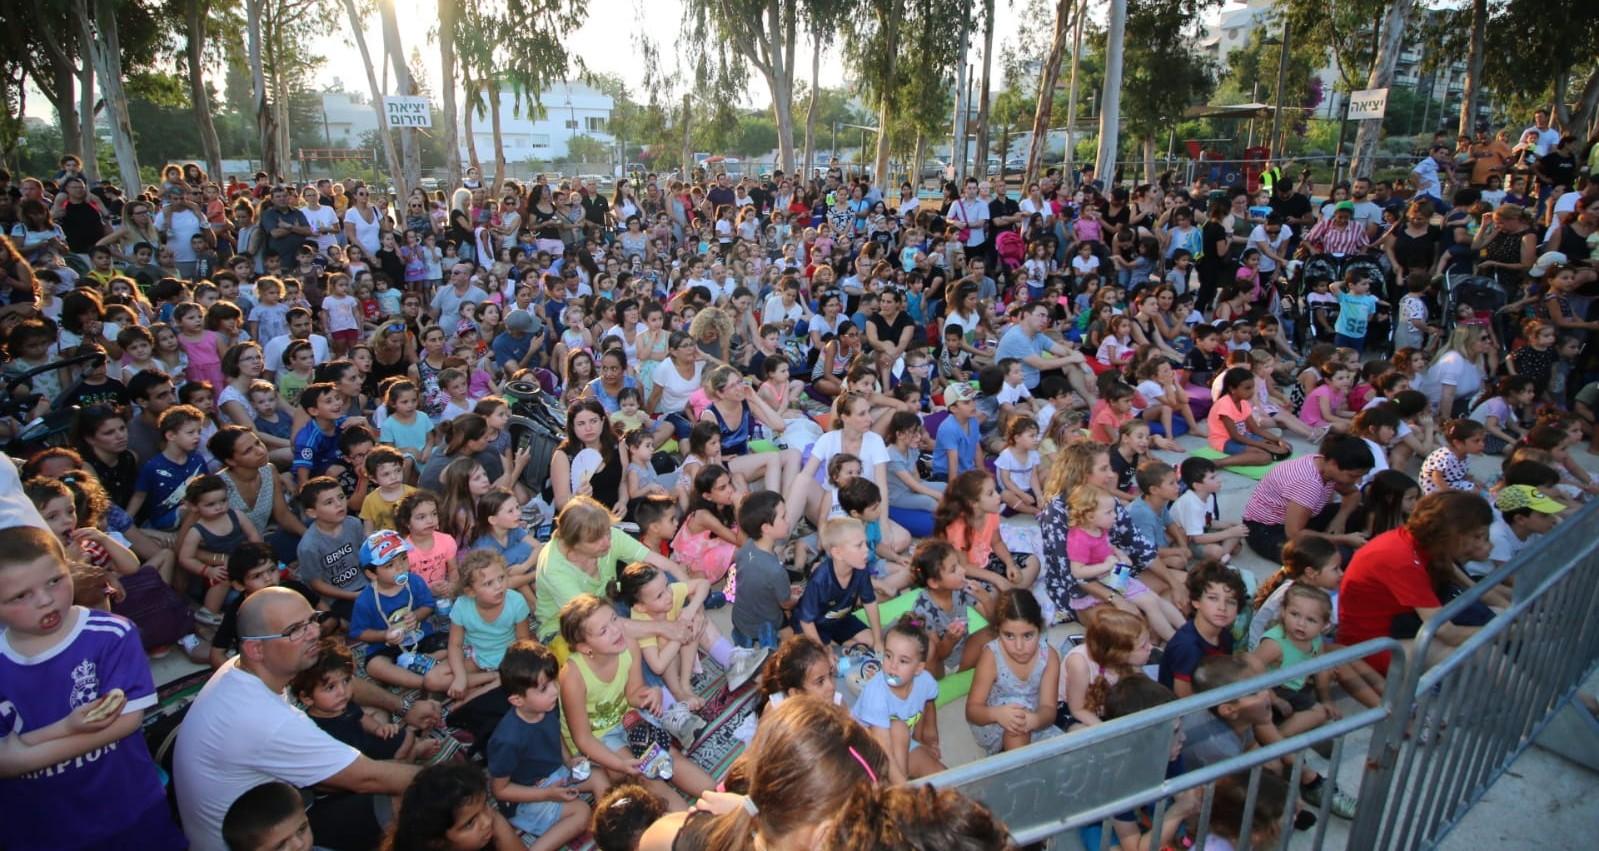 מופע בפארק הנצח. התושבים ימשיכו ליהנות. צילום: באדיבות העירייה